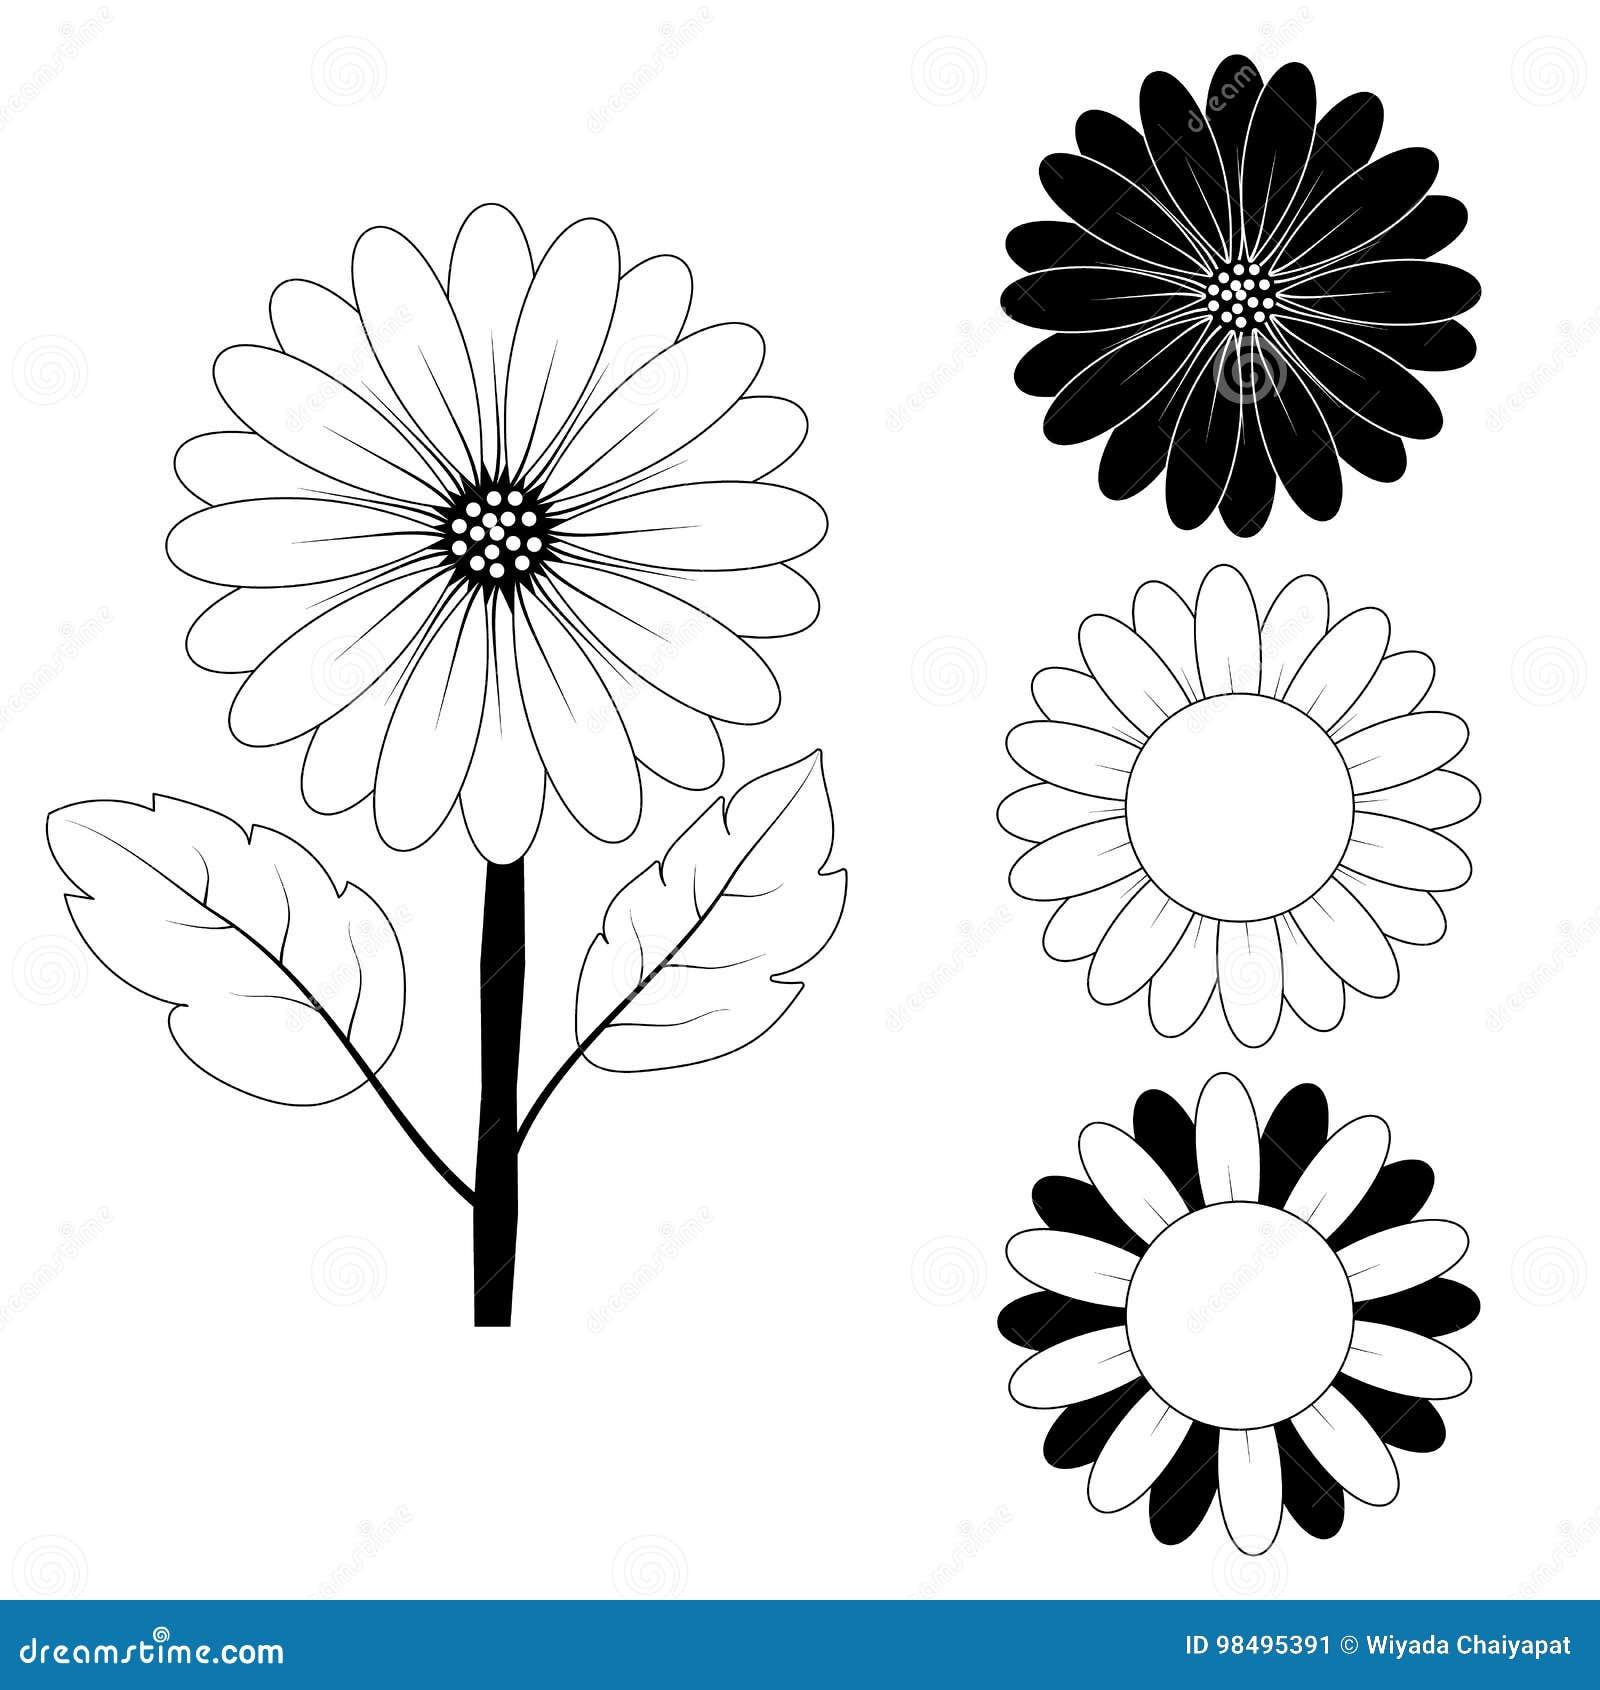 Dibujo Del Girasol Blanco Y Negro Stock De Ilustración Ilustración